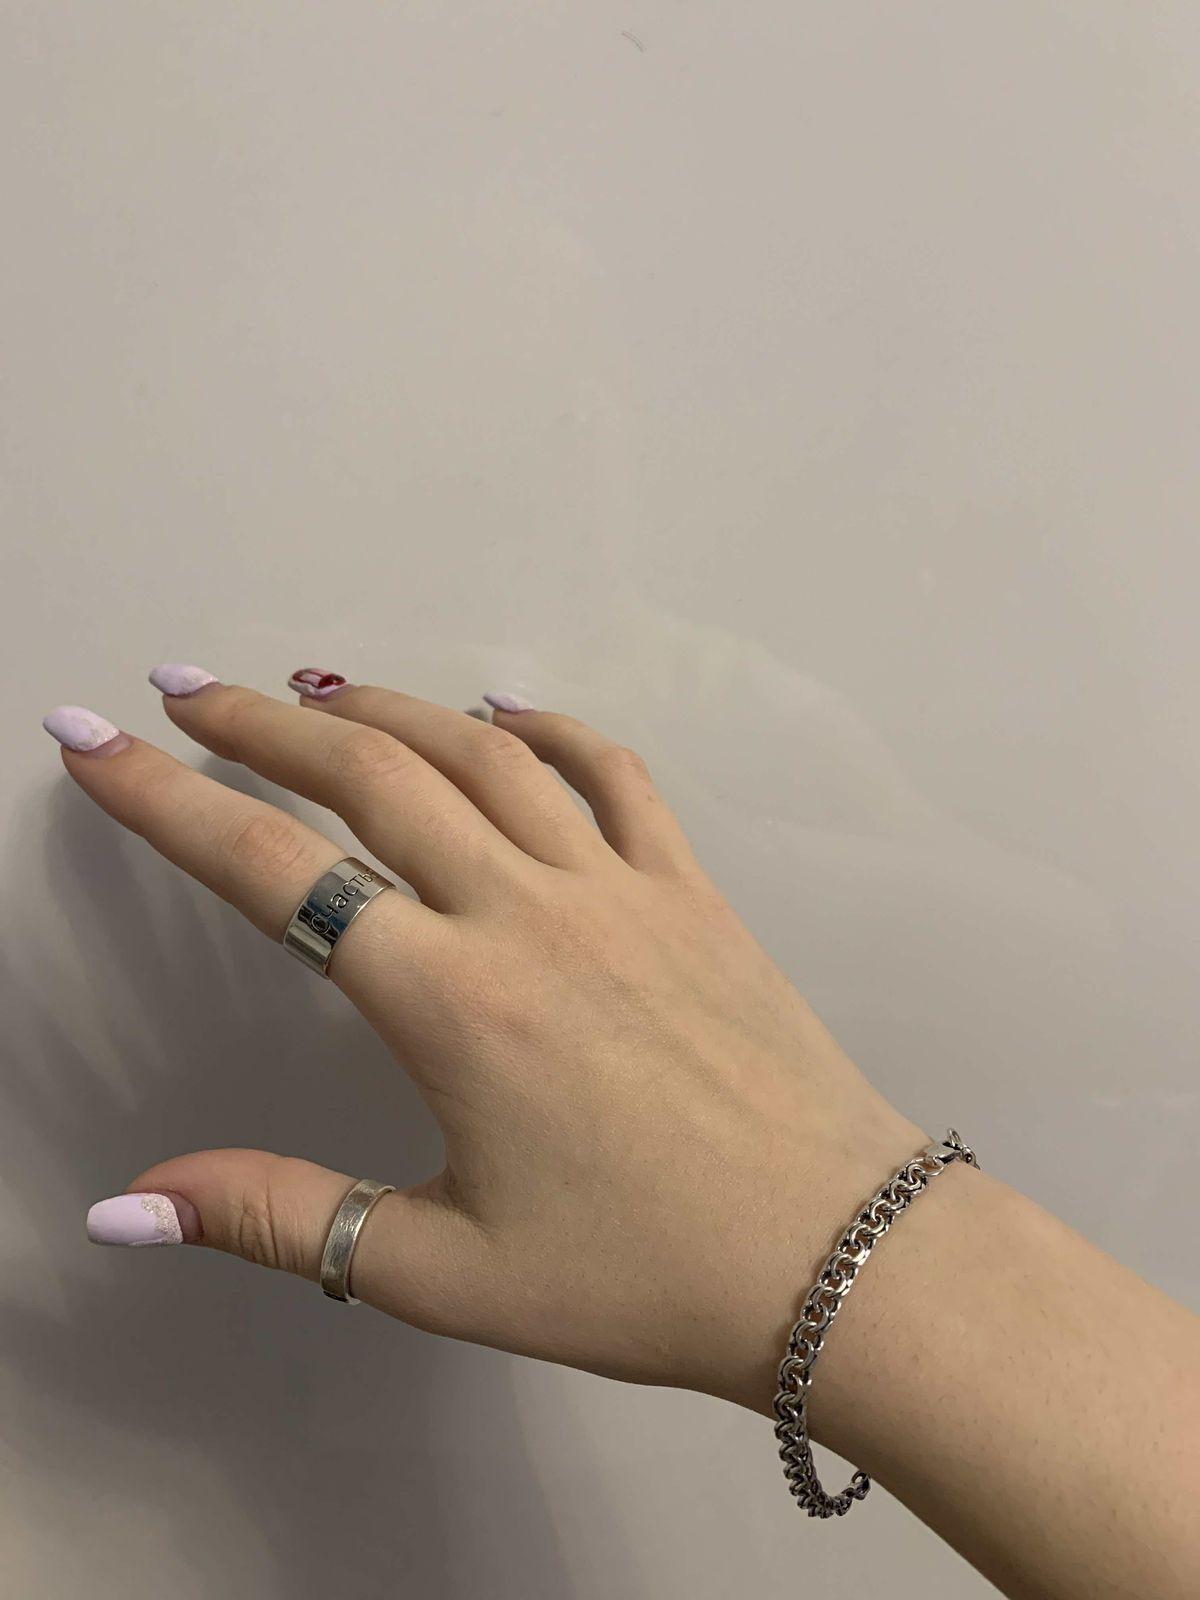 Я влюблена в это кольцо ! 🥰